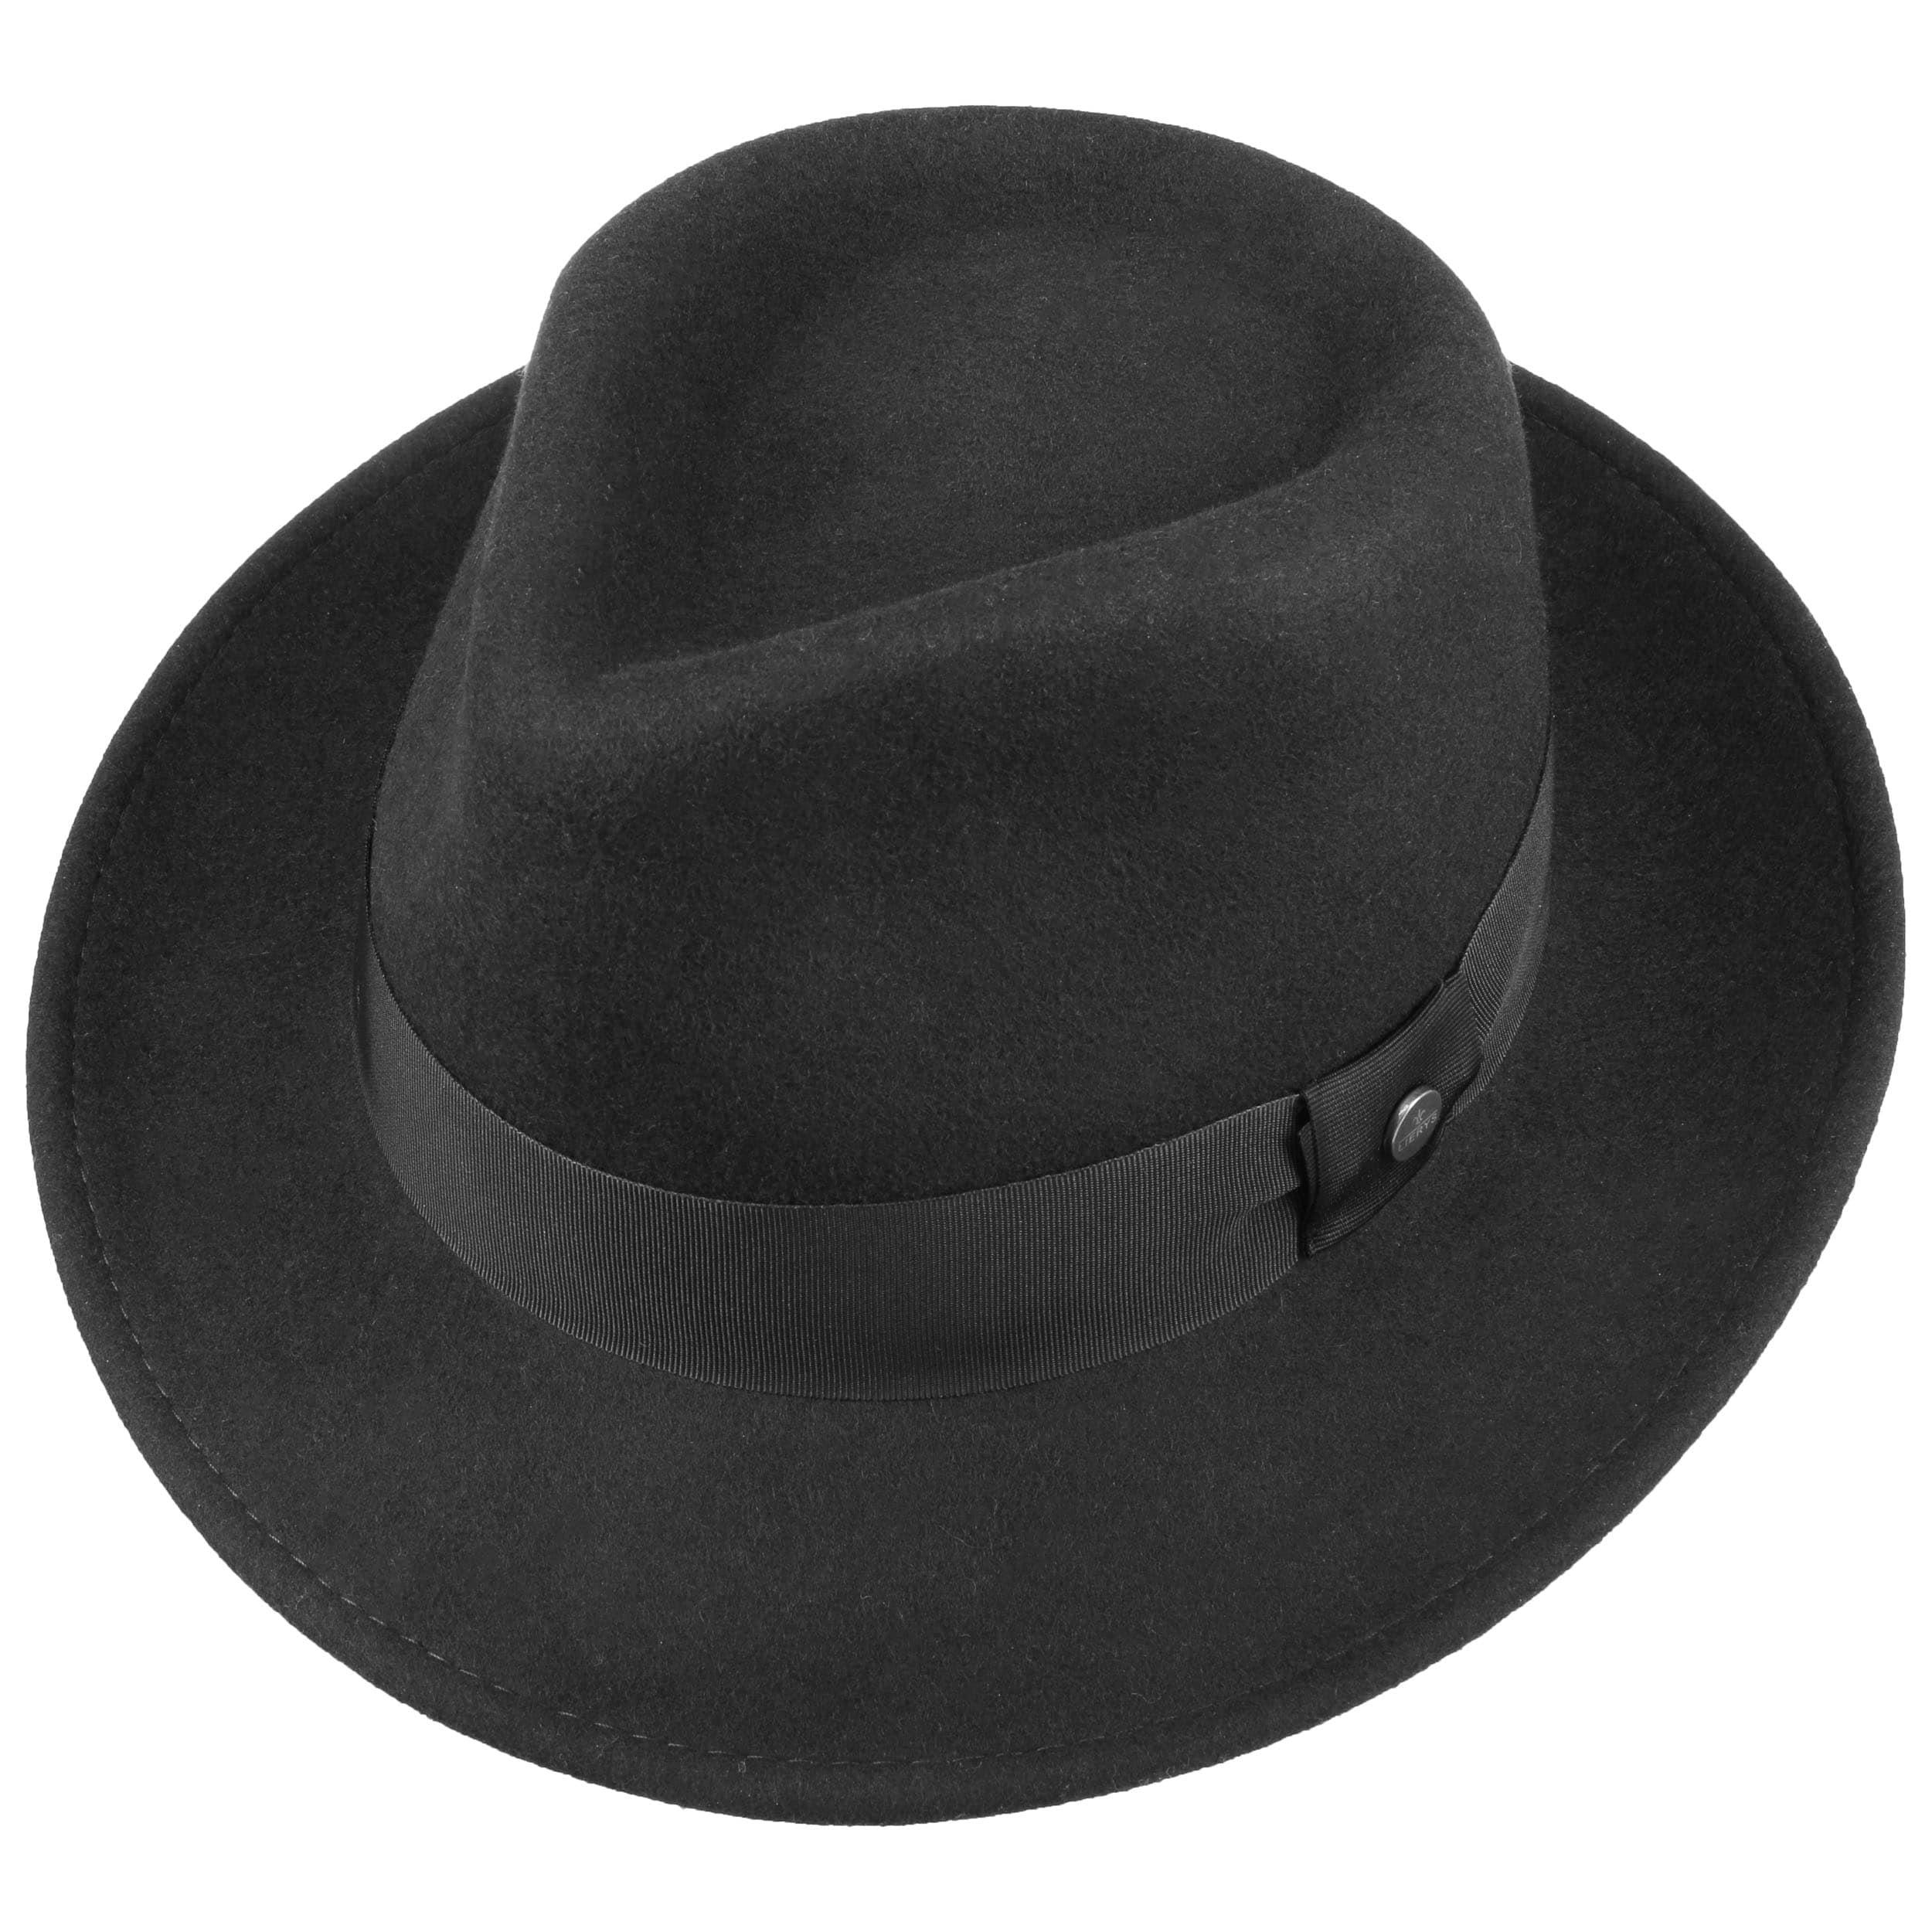 Sombrero de Fieltro City by Lierys - Sombreros - sombreroshop.es 44efb49dbed